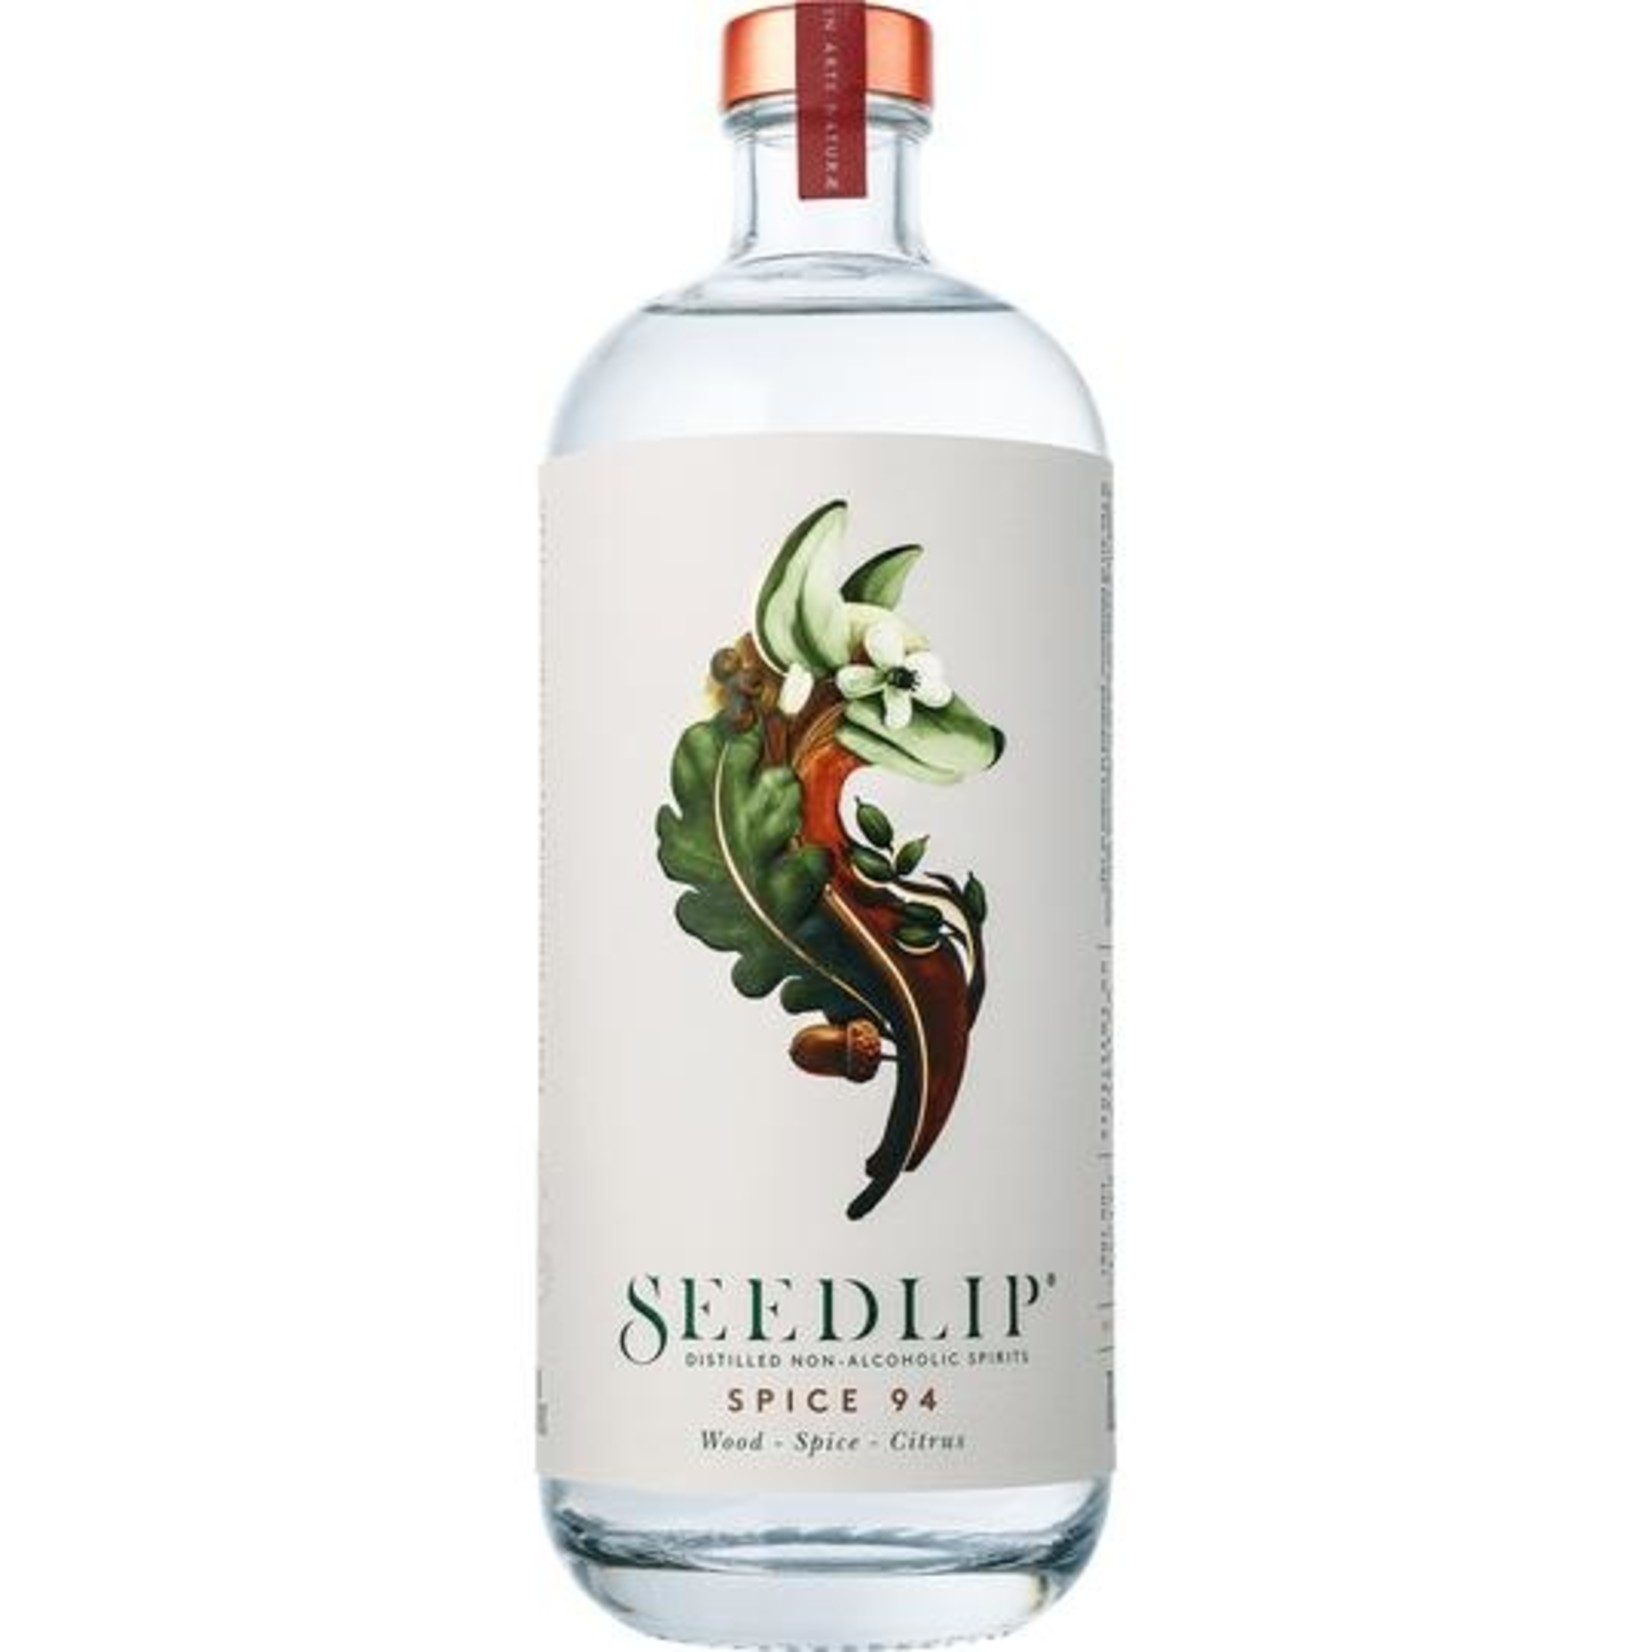 Seedlip Seedlip Spice 94 Non-Alcoholic 700ml